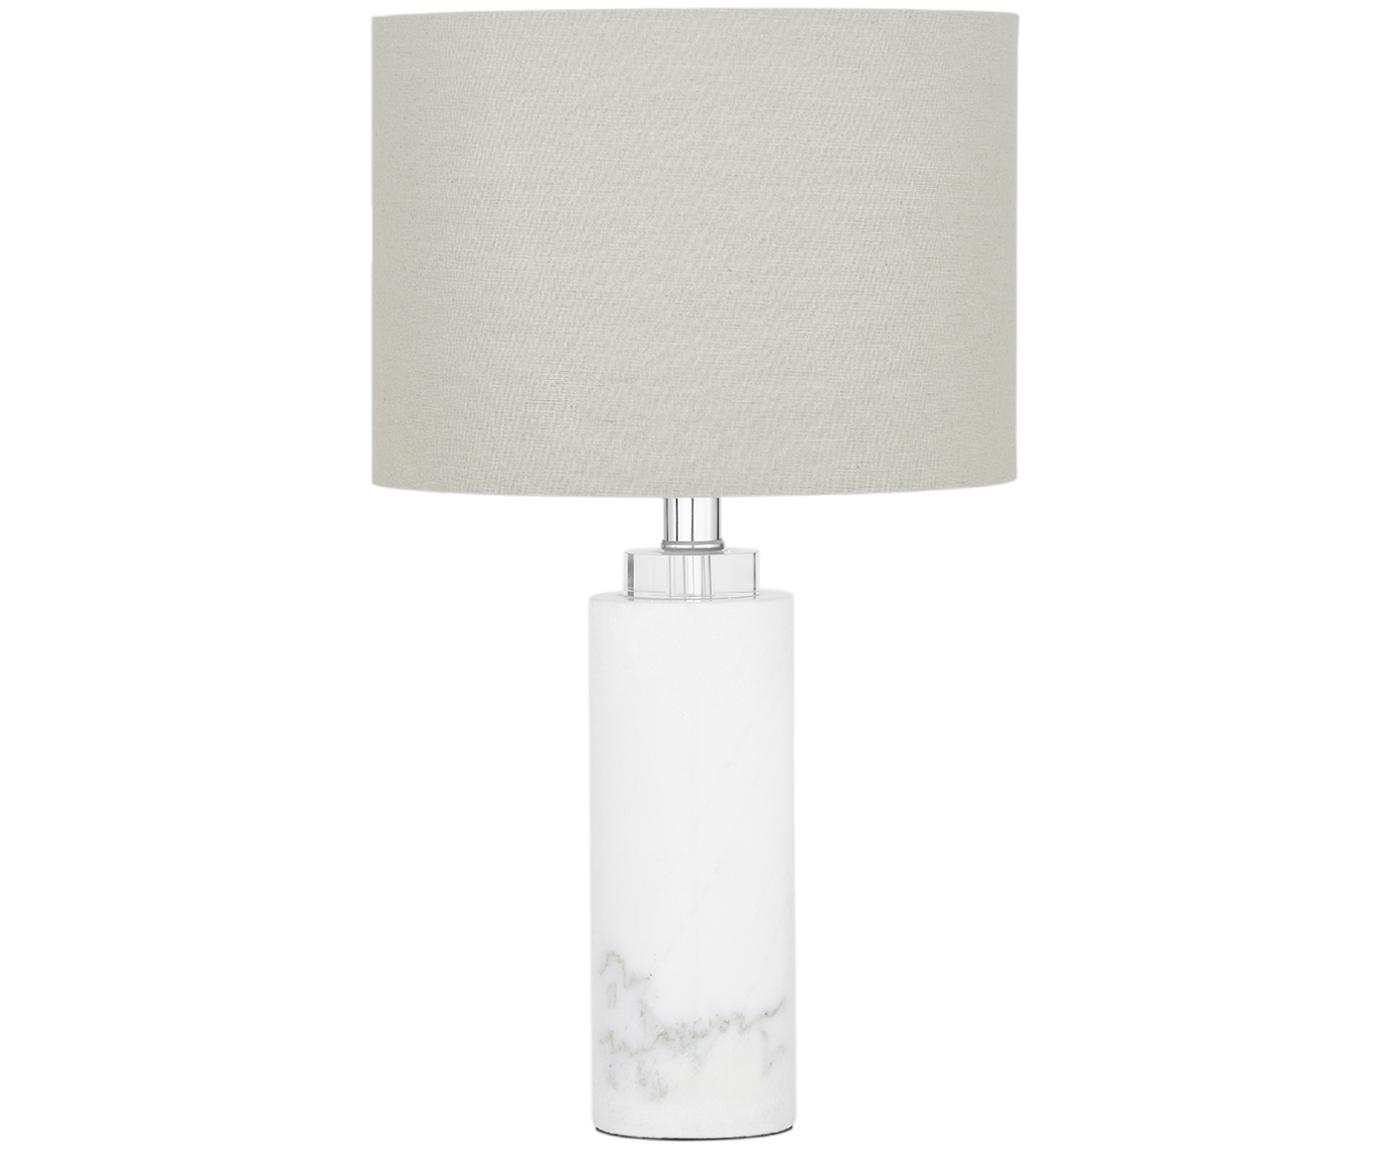 Lampada da tavolo in marmo Amanda, Paralume: tessuto, Base della lampada: marmo, cristallo, Bianco, Ø 28 x Alt. 48 cm